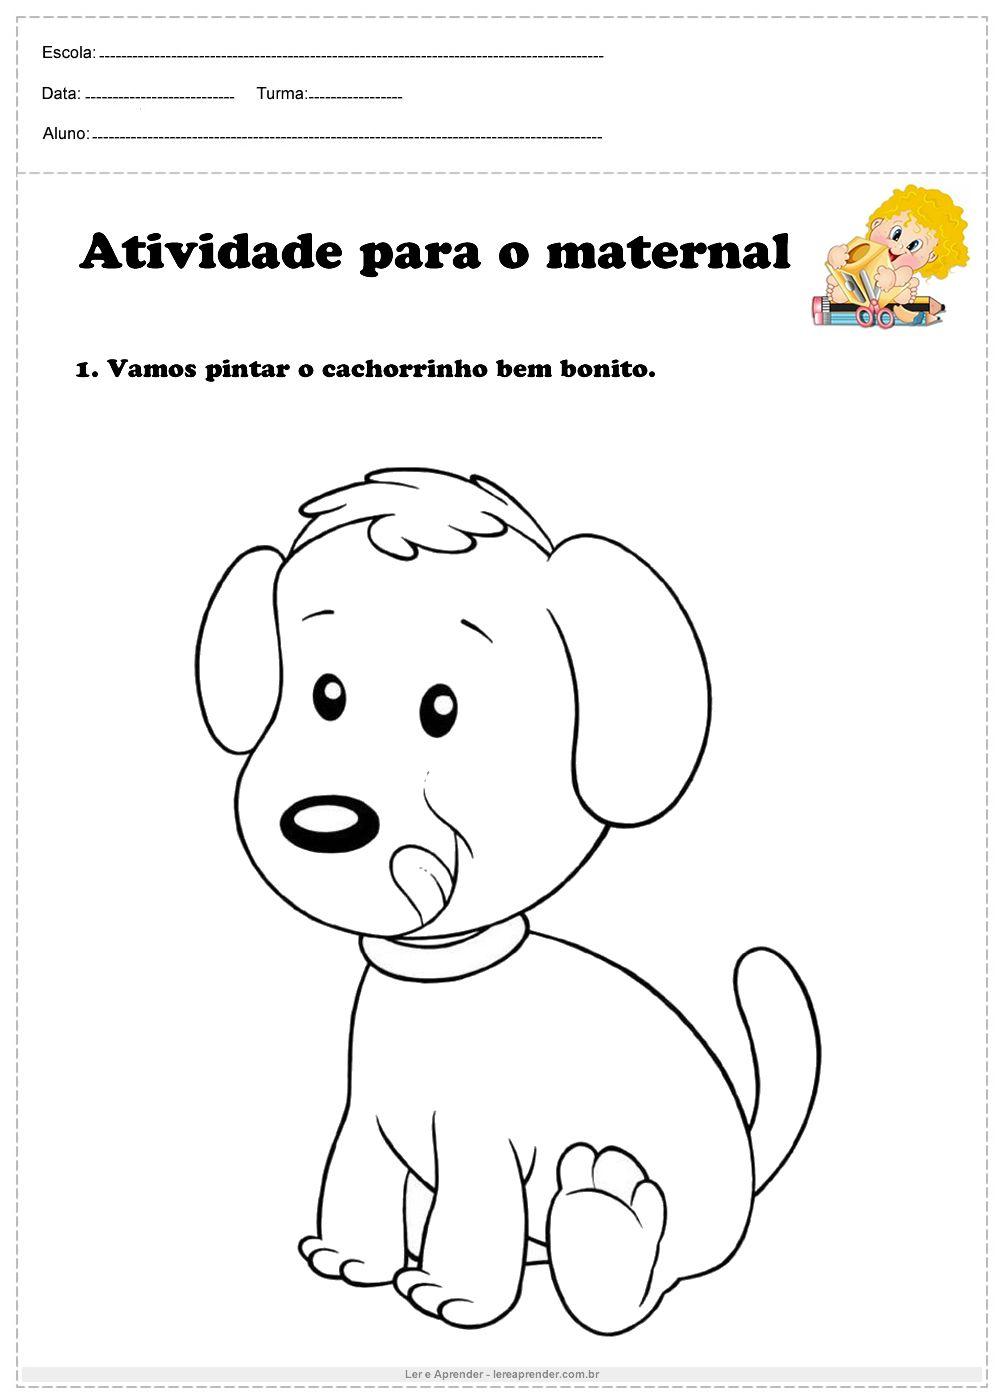 Atividade Para O Maternal Vamos Pintar O Cachorrinho Bem Bonito